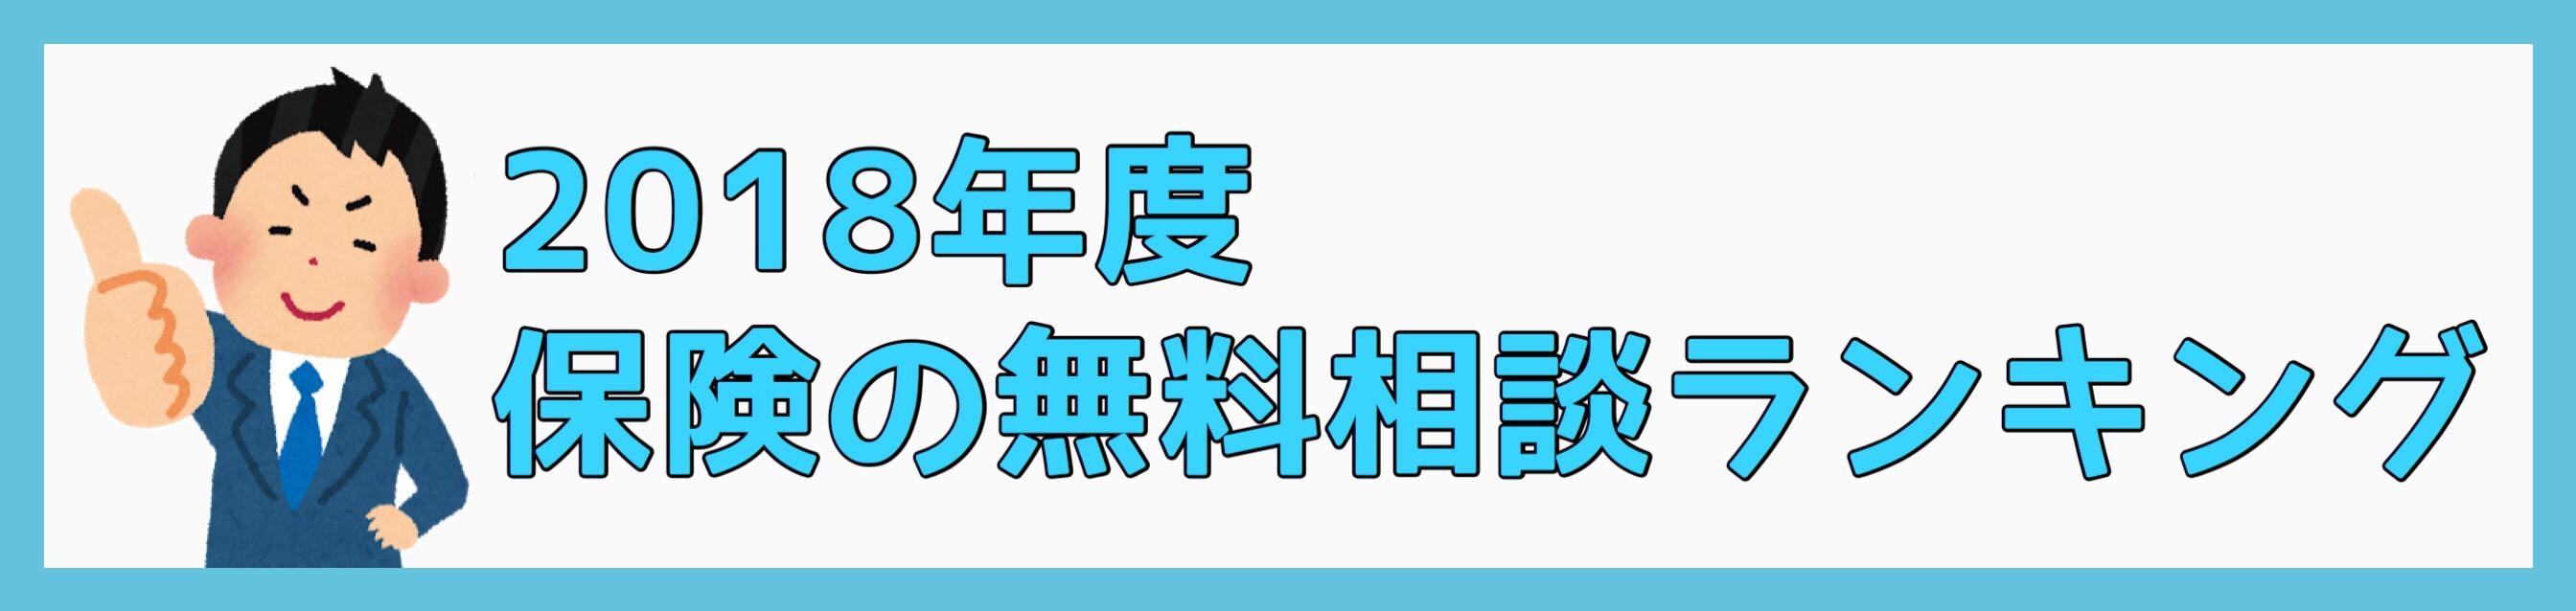 保険相談のおすすめ人気ランキング!口コミ&評判で徹底比較【2018年】